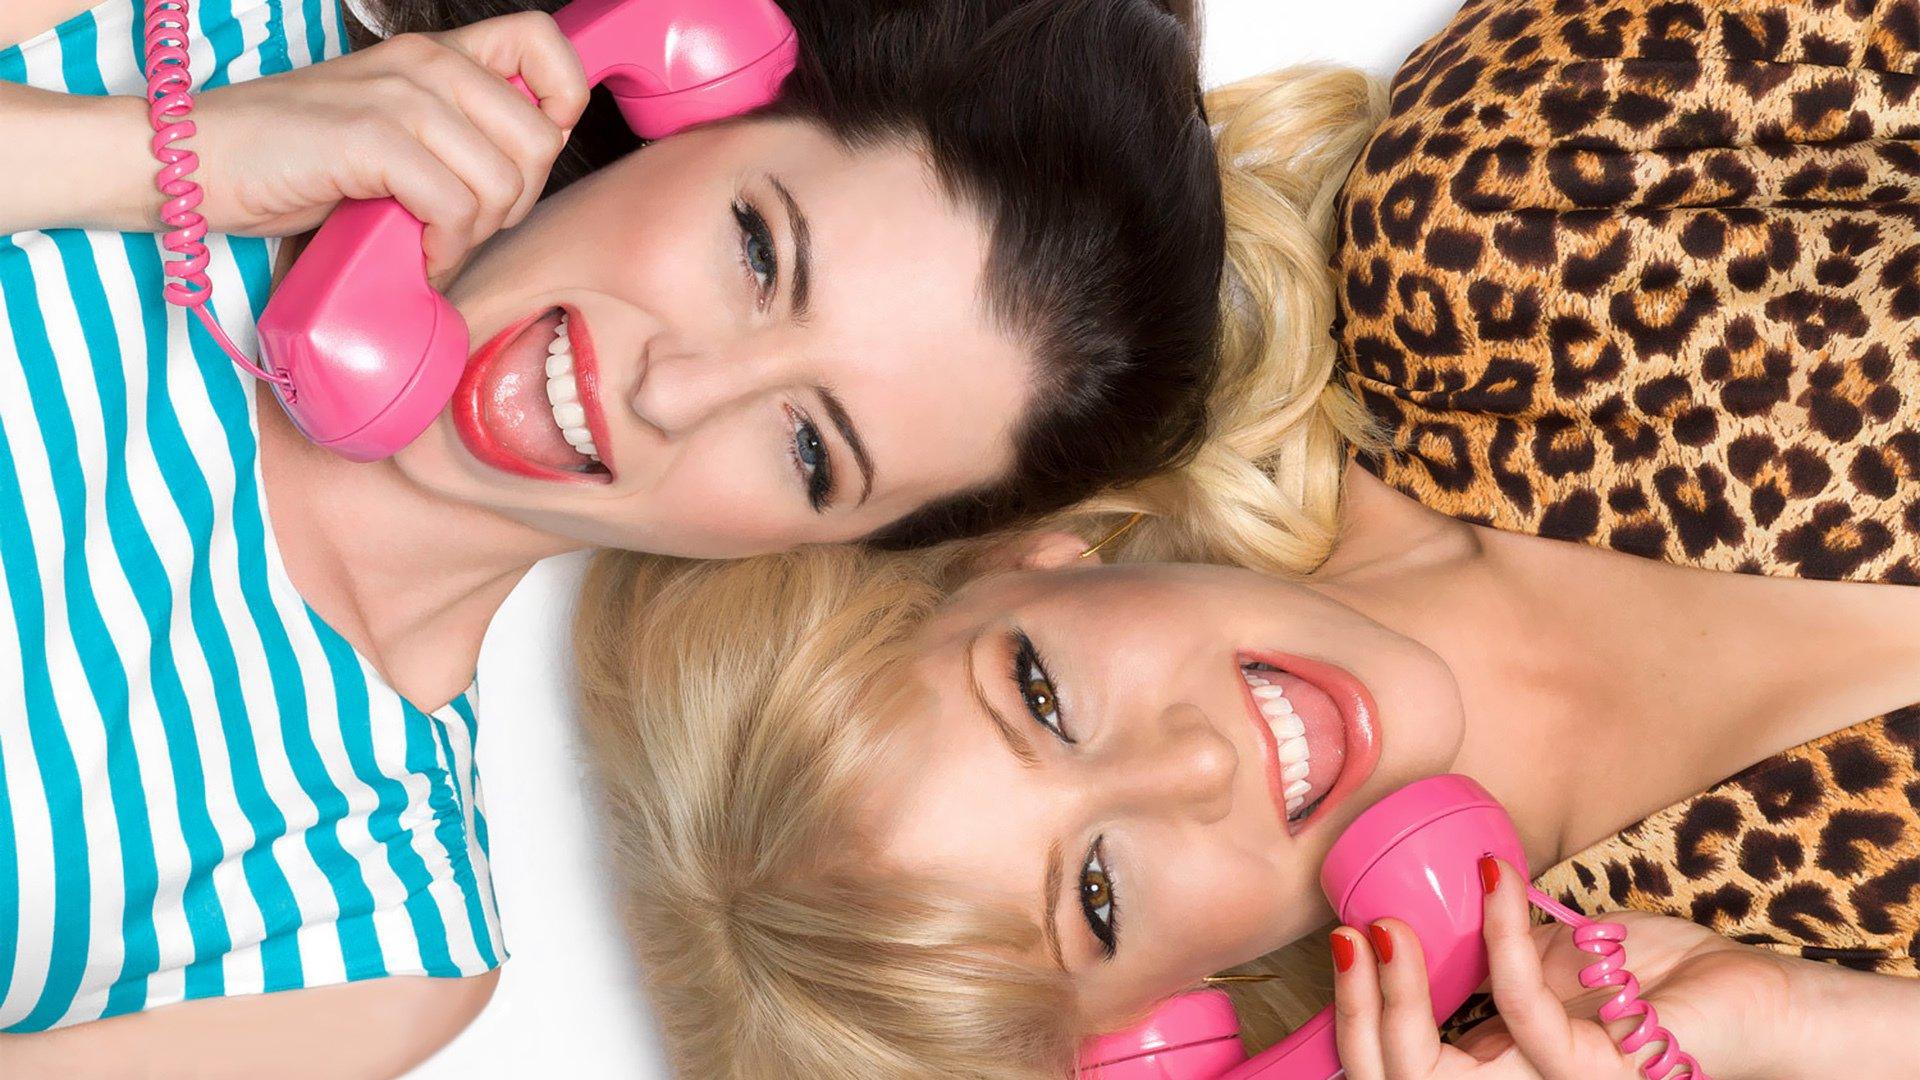 Actual audio of phone sex